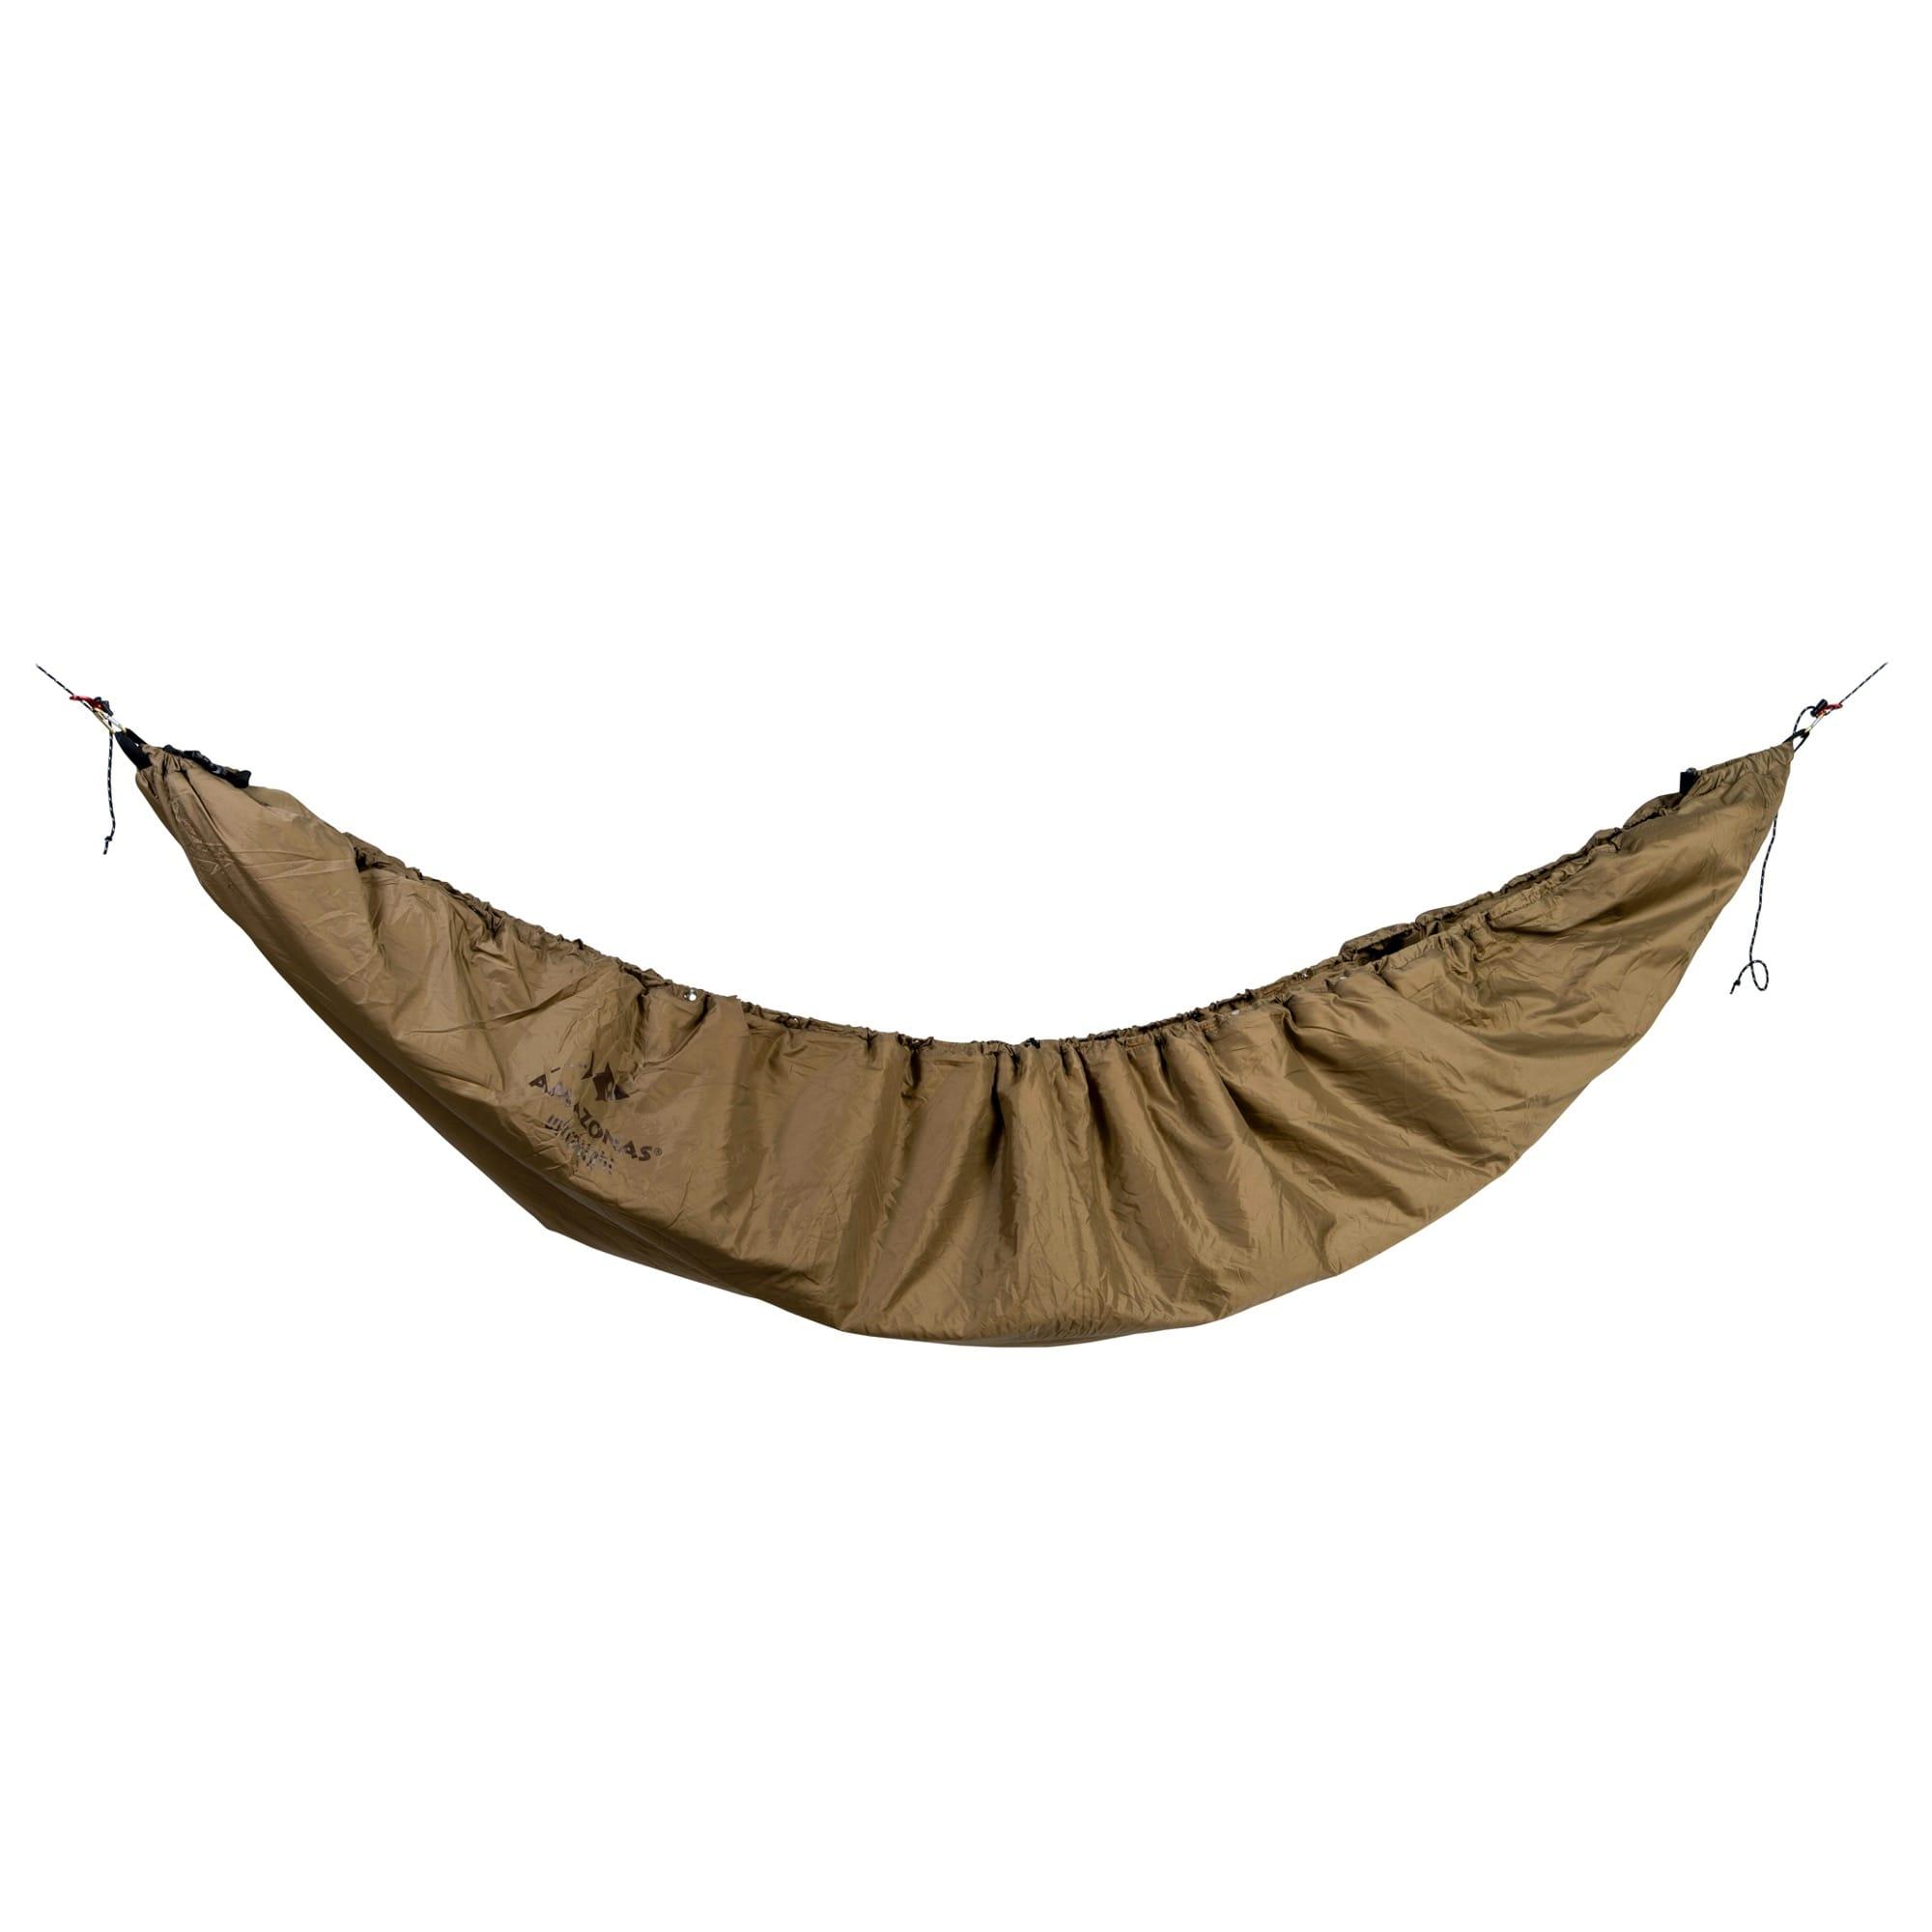 Amazonas Underquilt Poncho